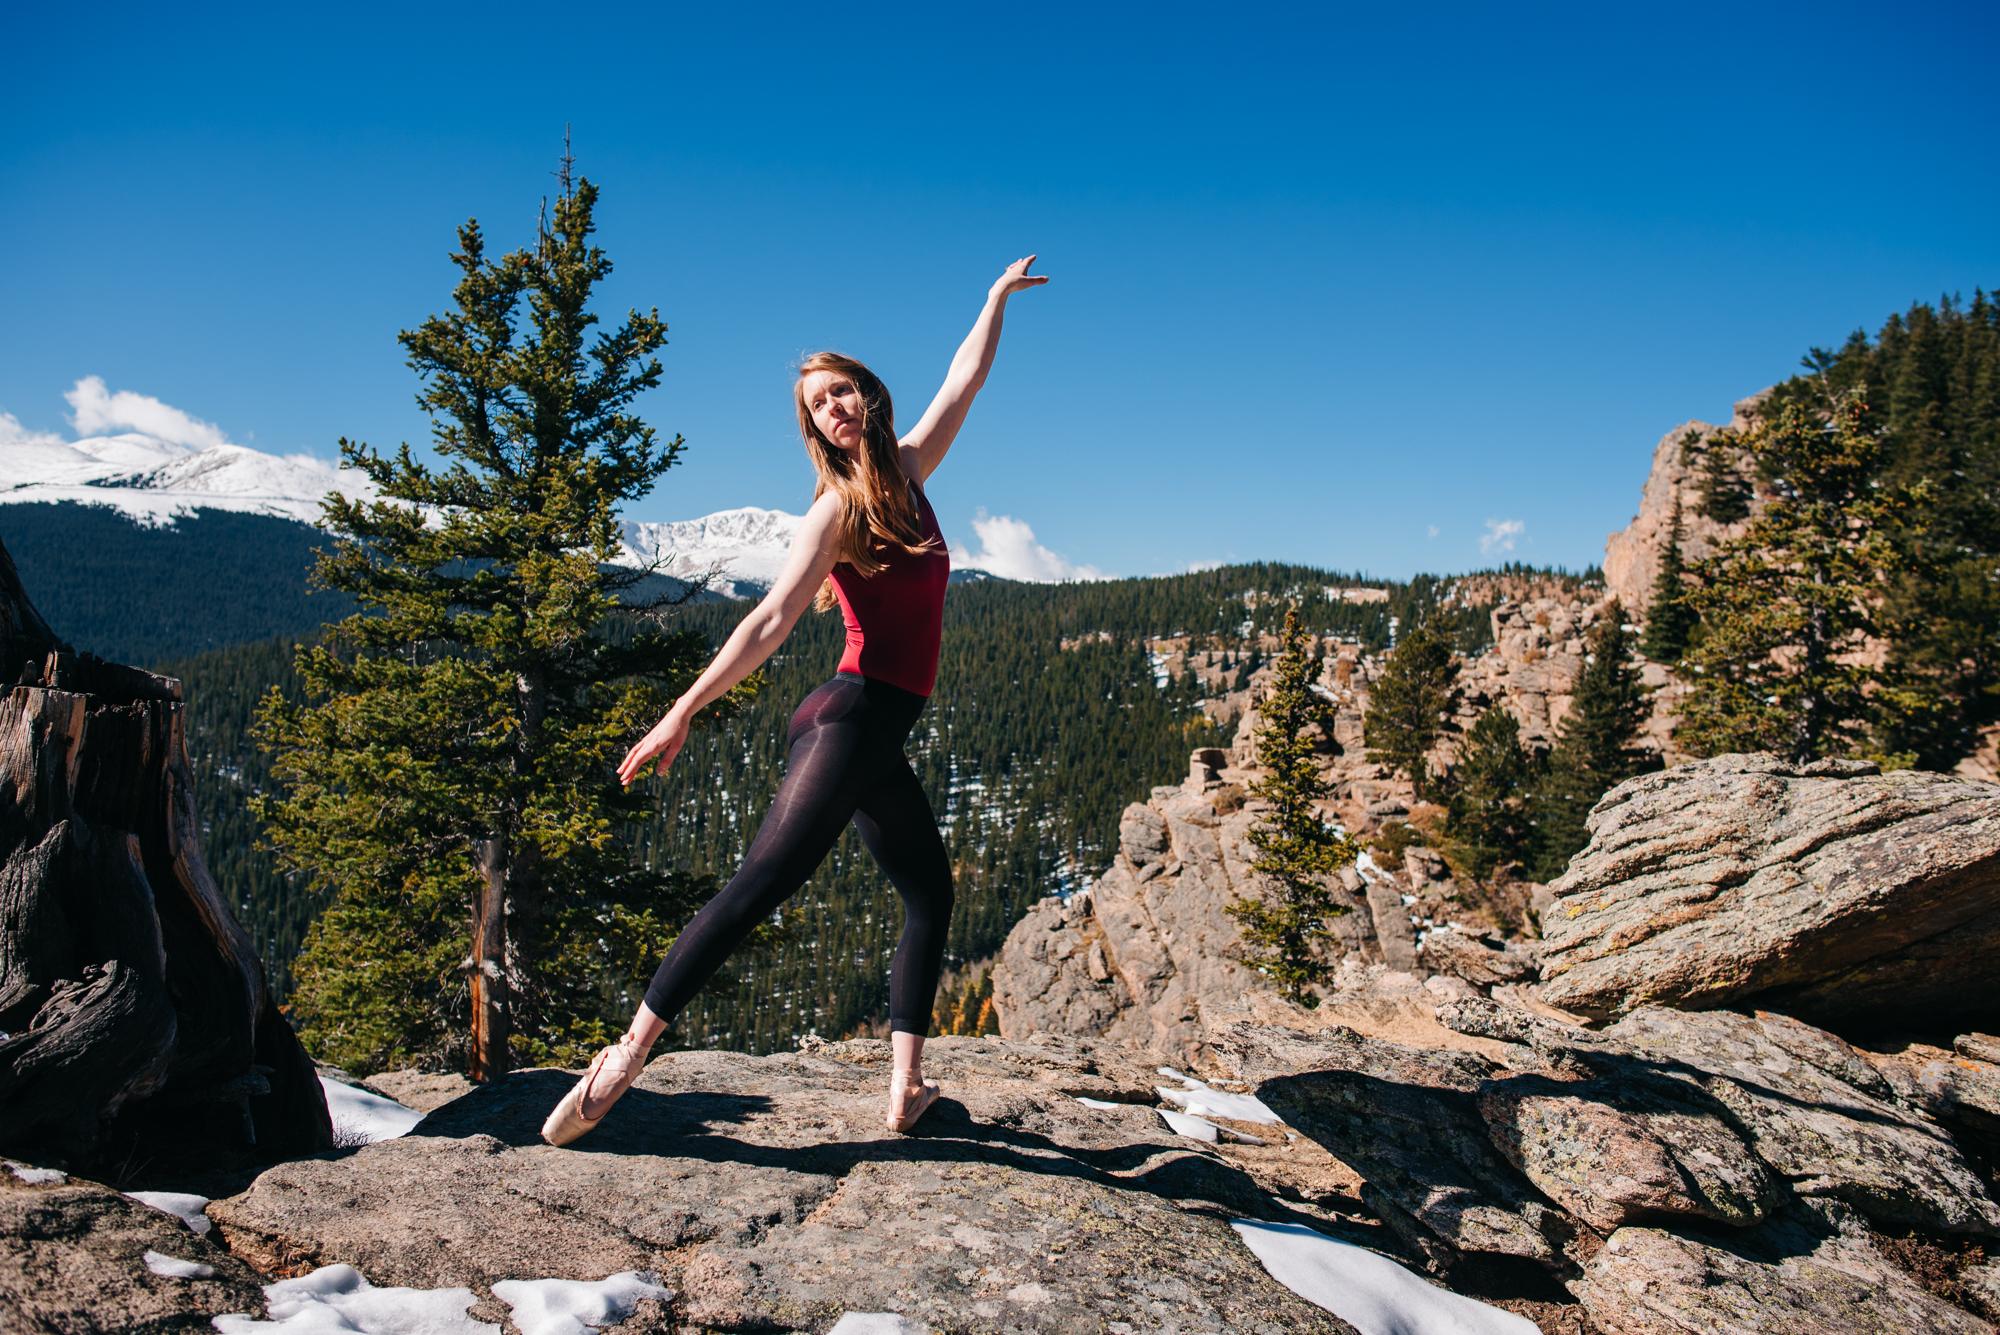 50-colorado-ballet-photographer-colorado-yoga-photographer-colorado-dance-photographer-denver-dance-photographer-denver-yoga-photographer-traveling-dance-photographerDSC_6482.jpg